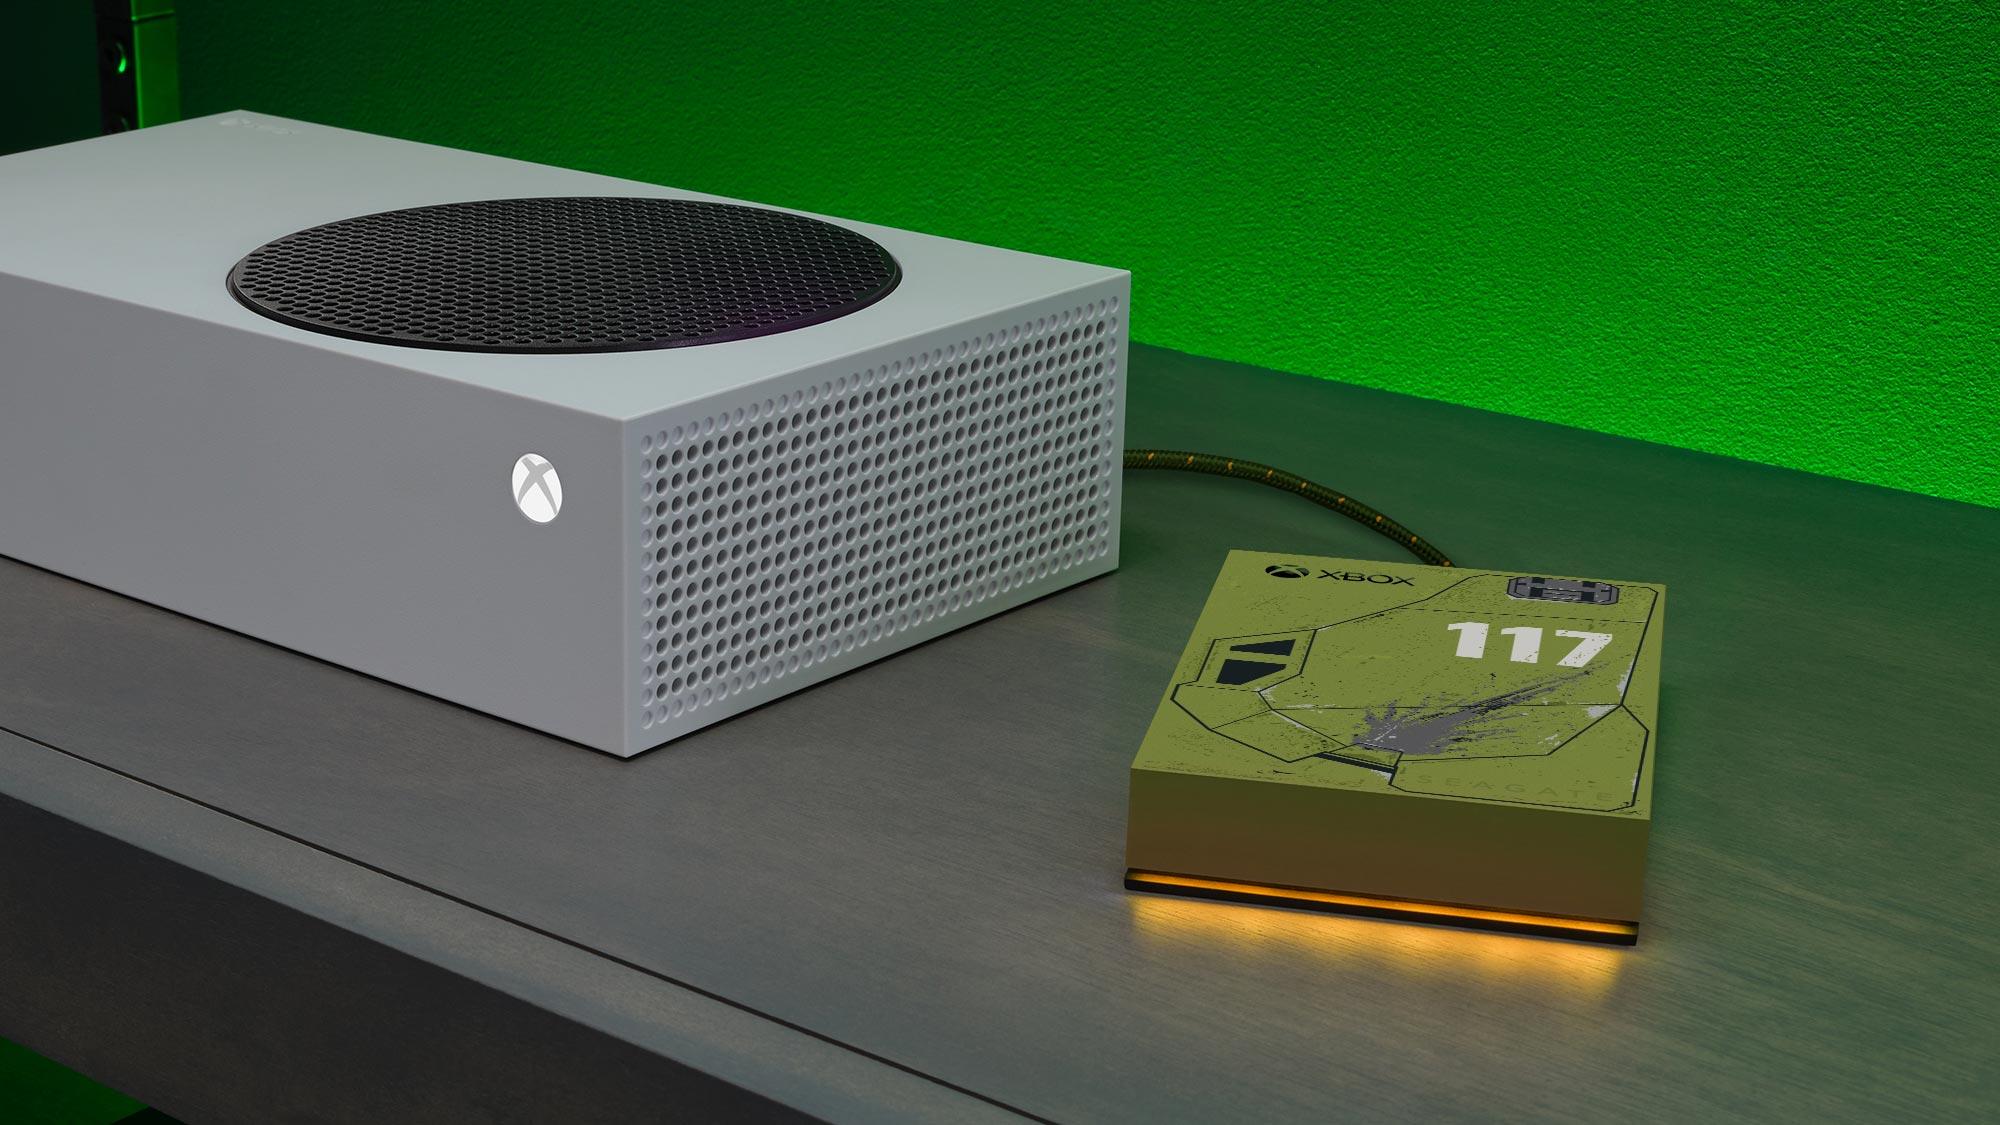 Seagate Game Drive Xbox Halo Infinite